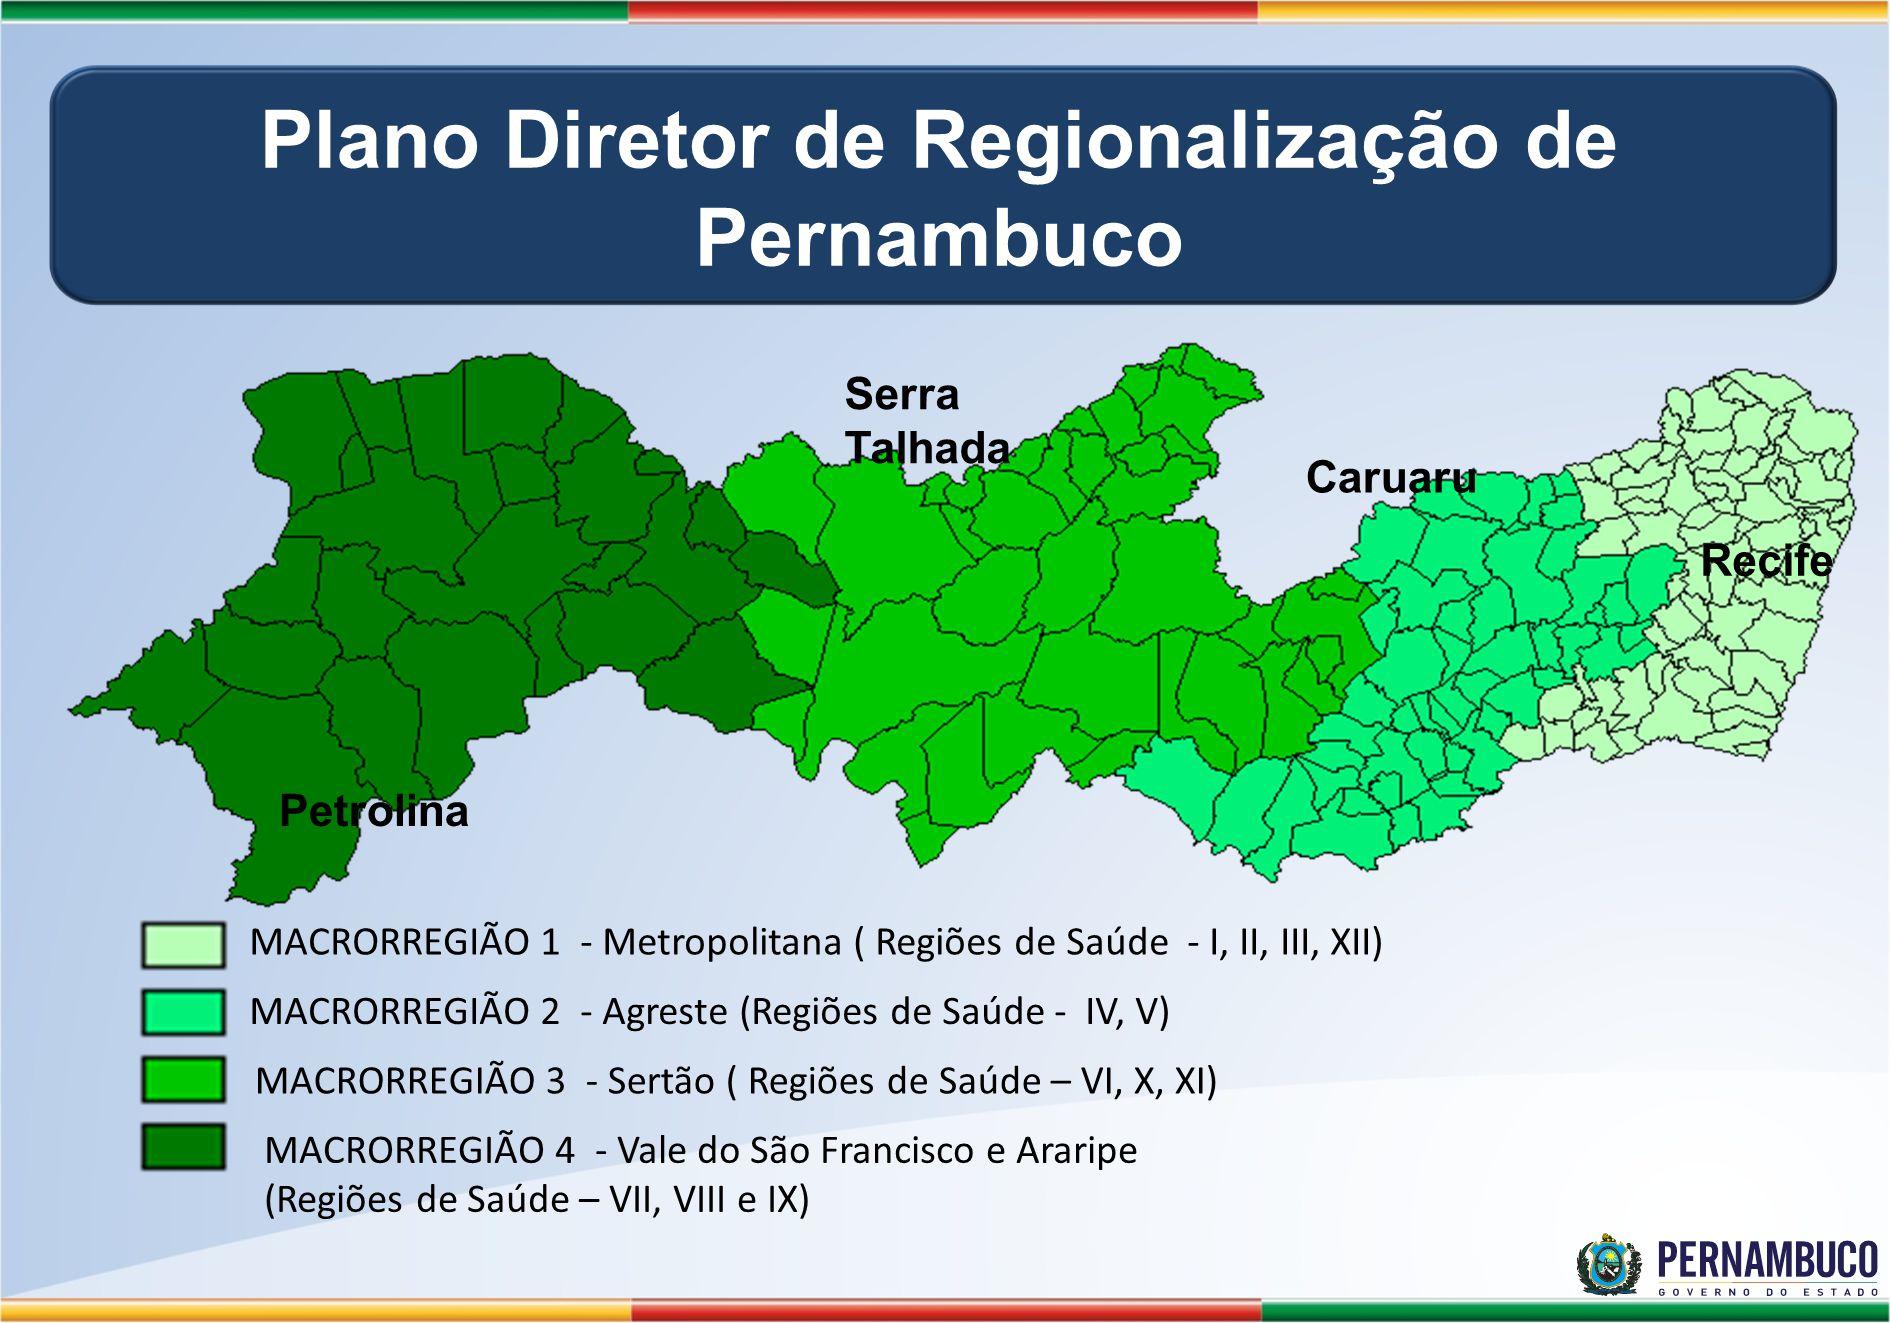 Plano Diretor de Regionalização de Pernambuco